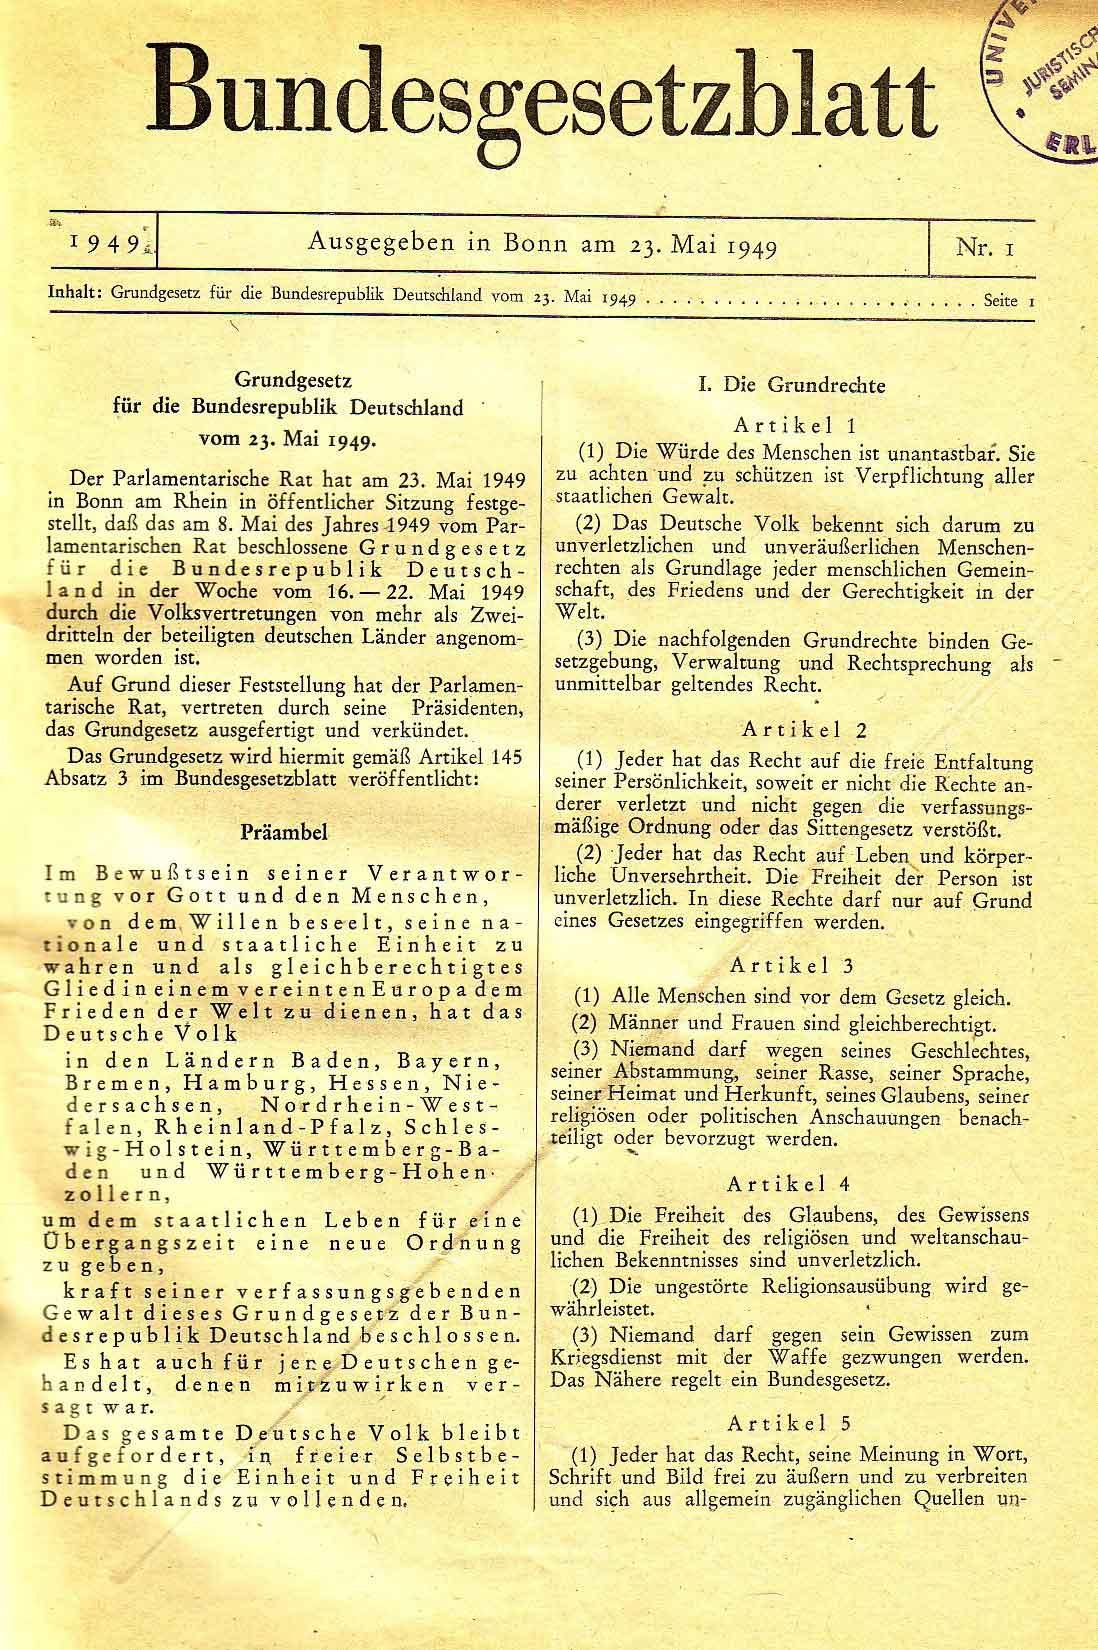 Einführung Das Grundgesetz Für Die Bundesrepublik Deutschland 23